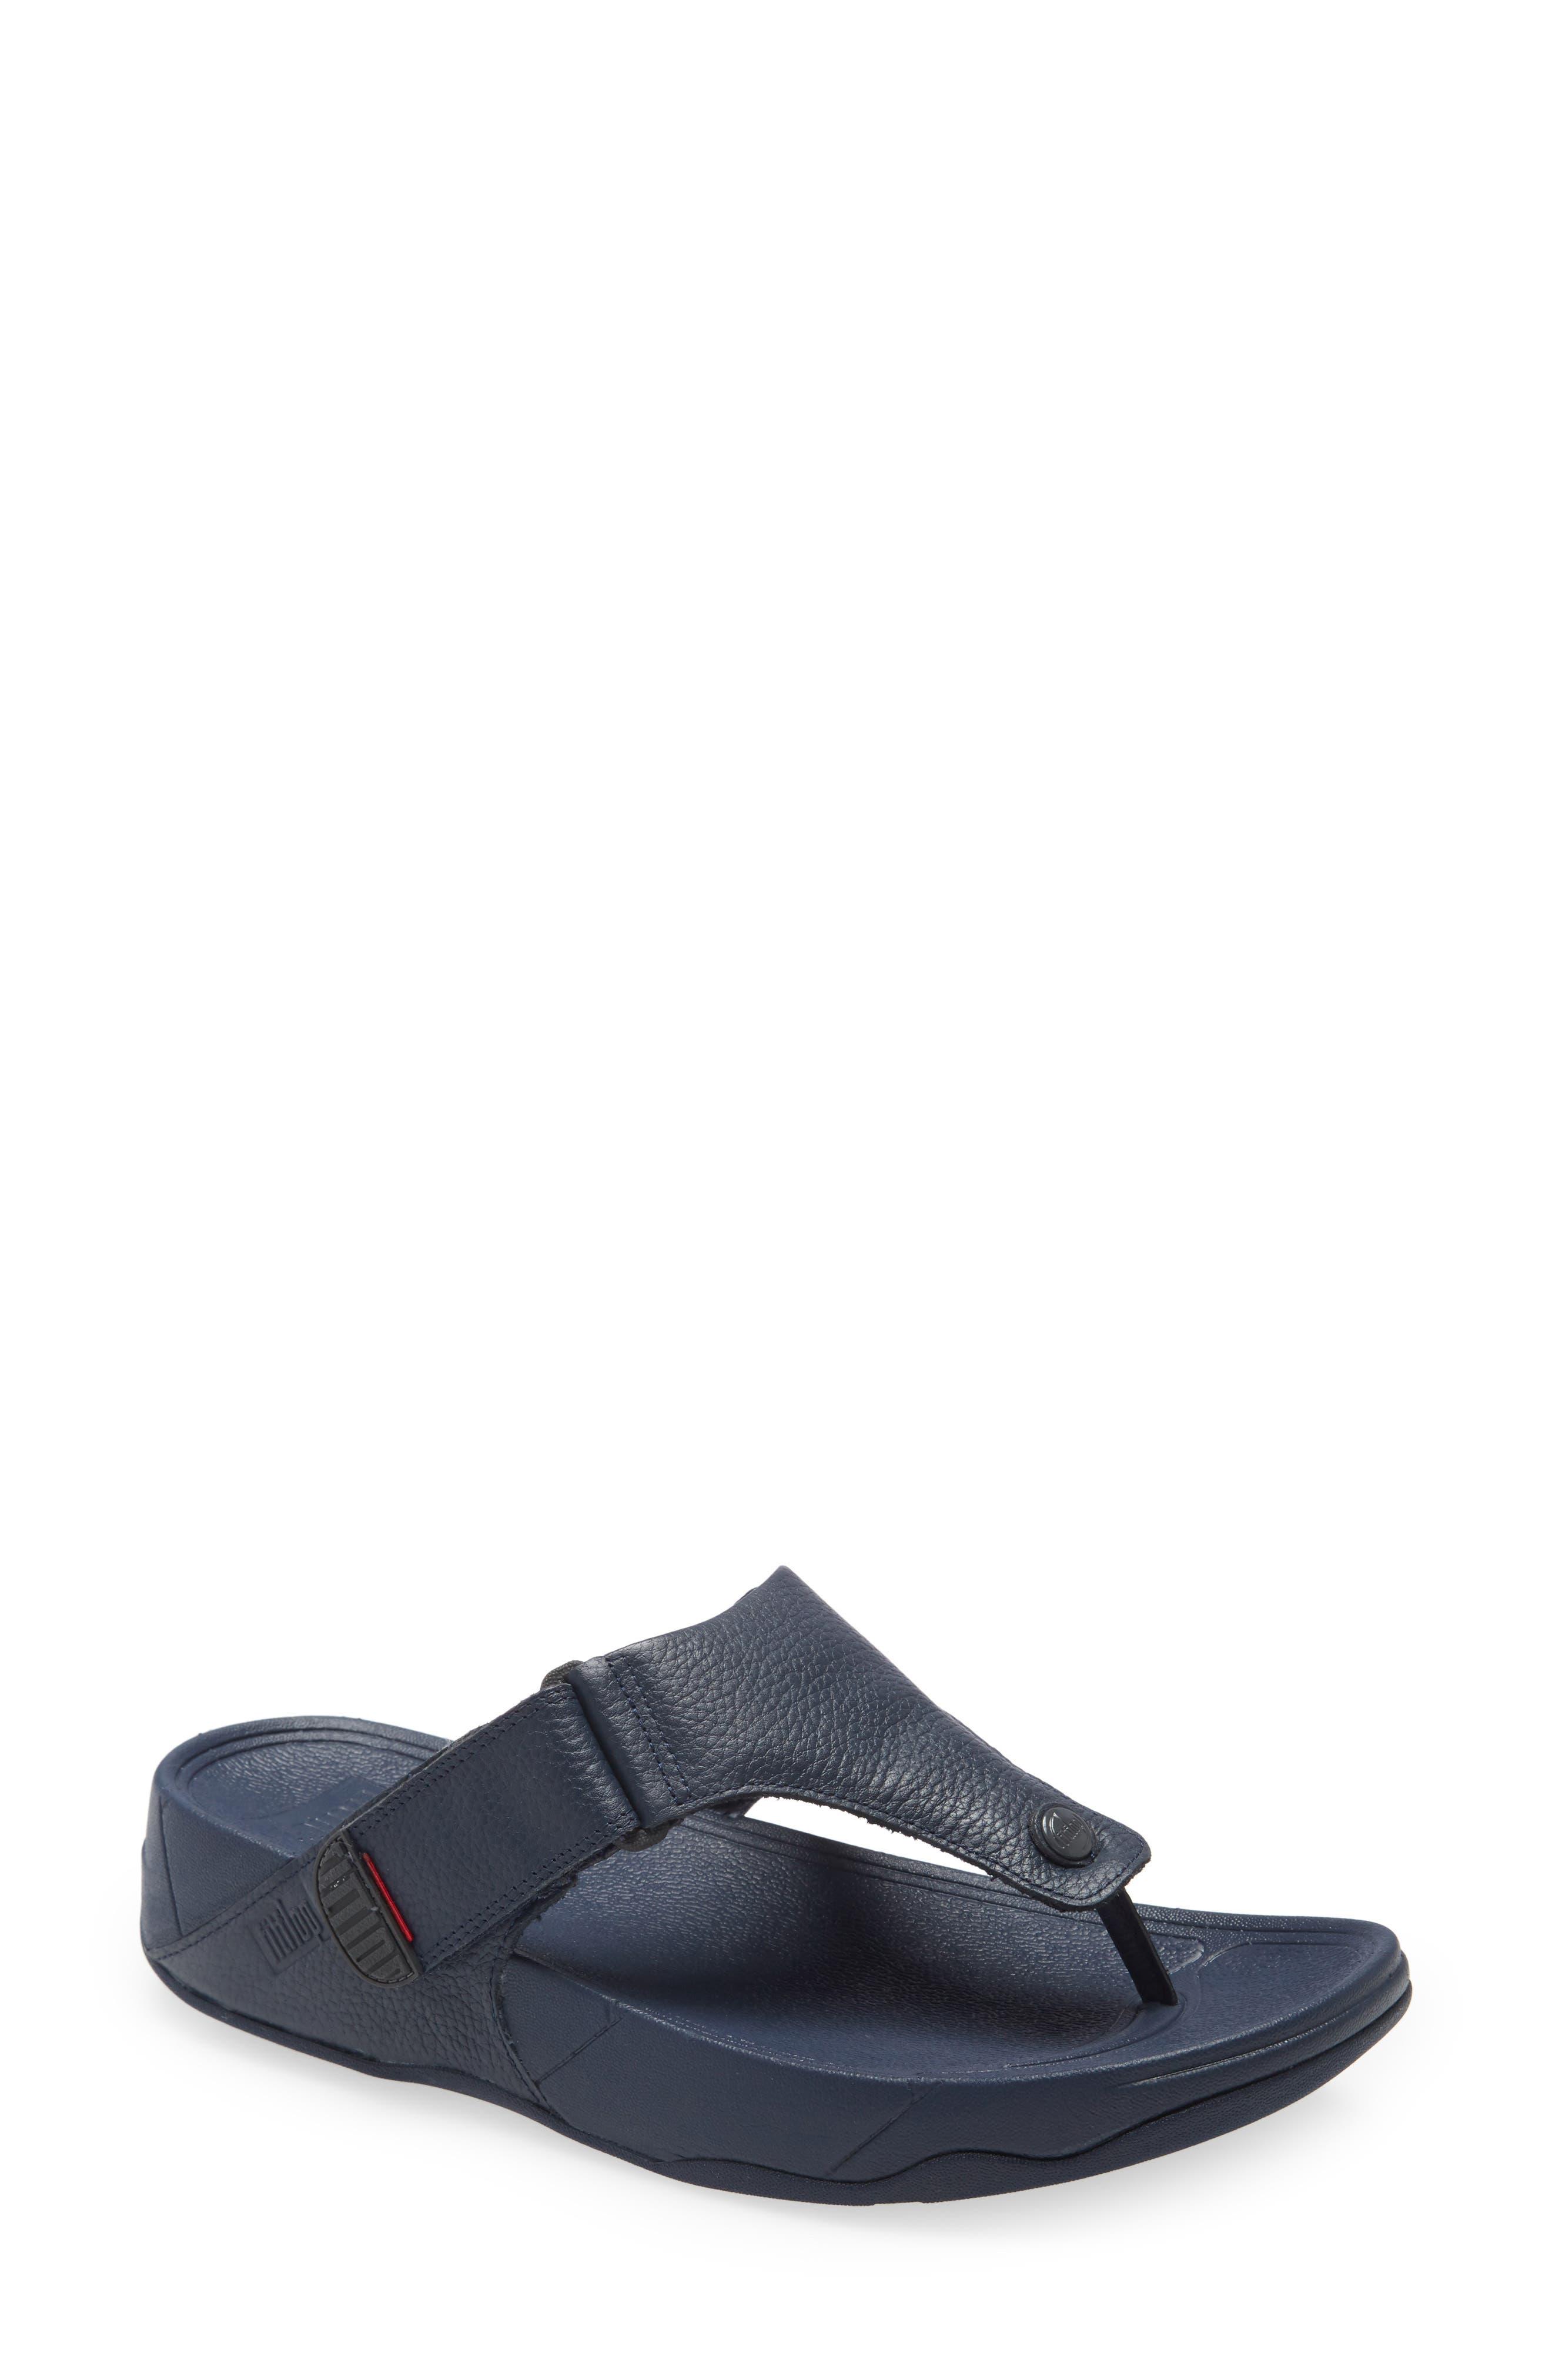 Trakk(TM) Ii Sandal